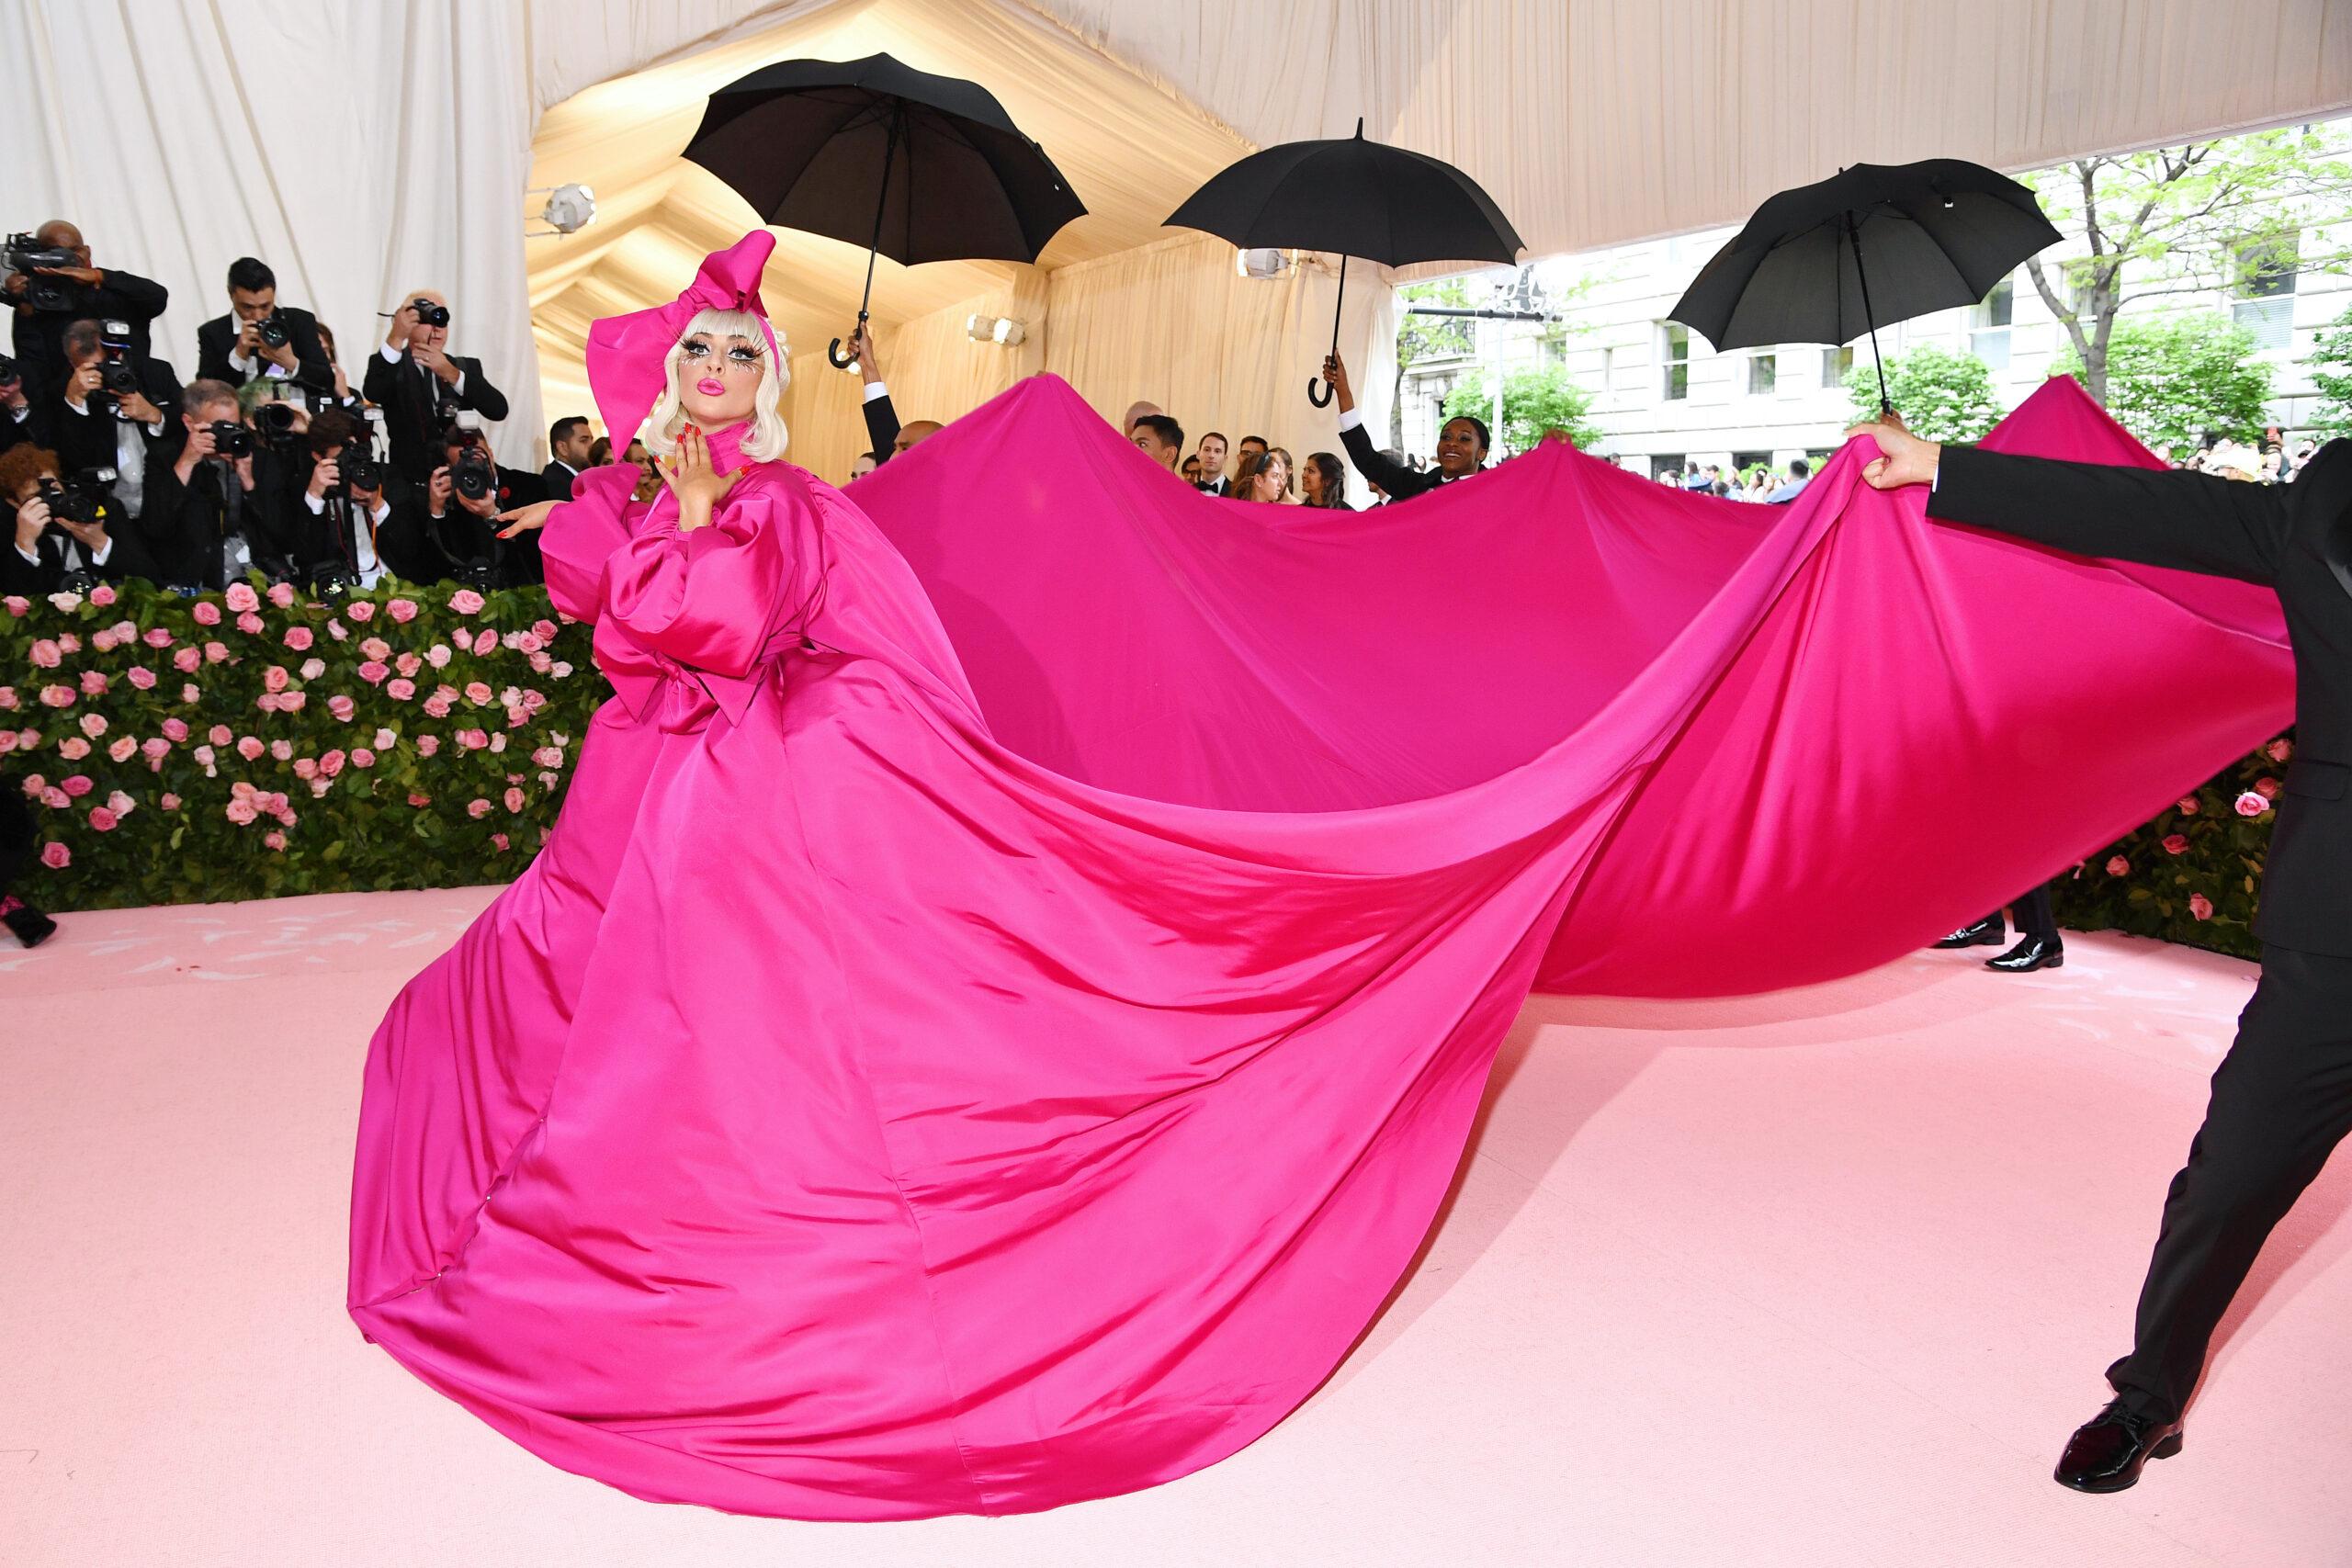 Стилисты назвали худшие наряды Met Gala 2021: образ Джей Ло стал одним из них (фото)